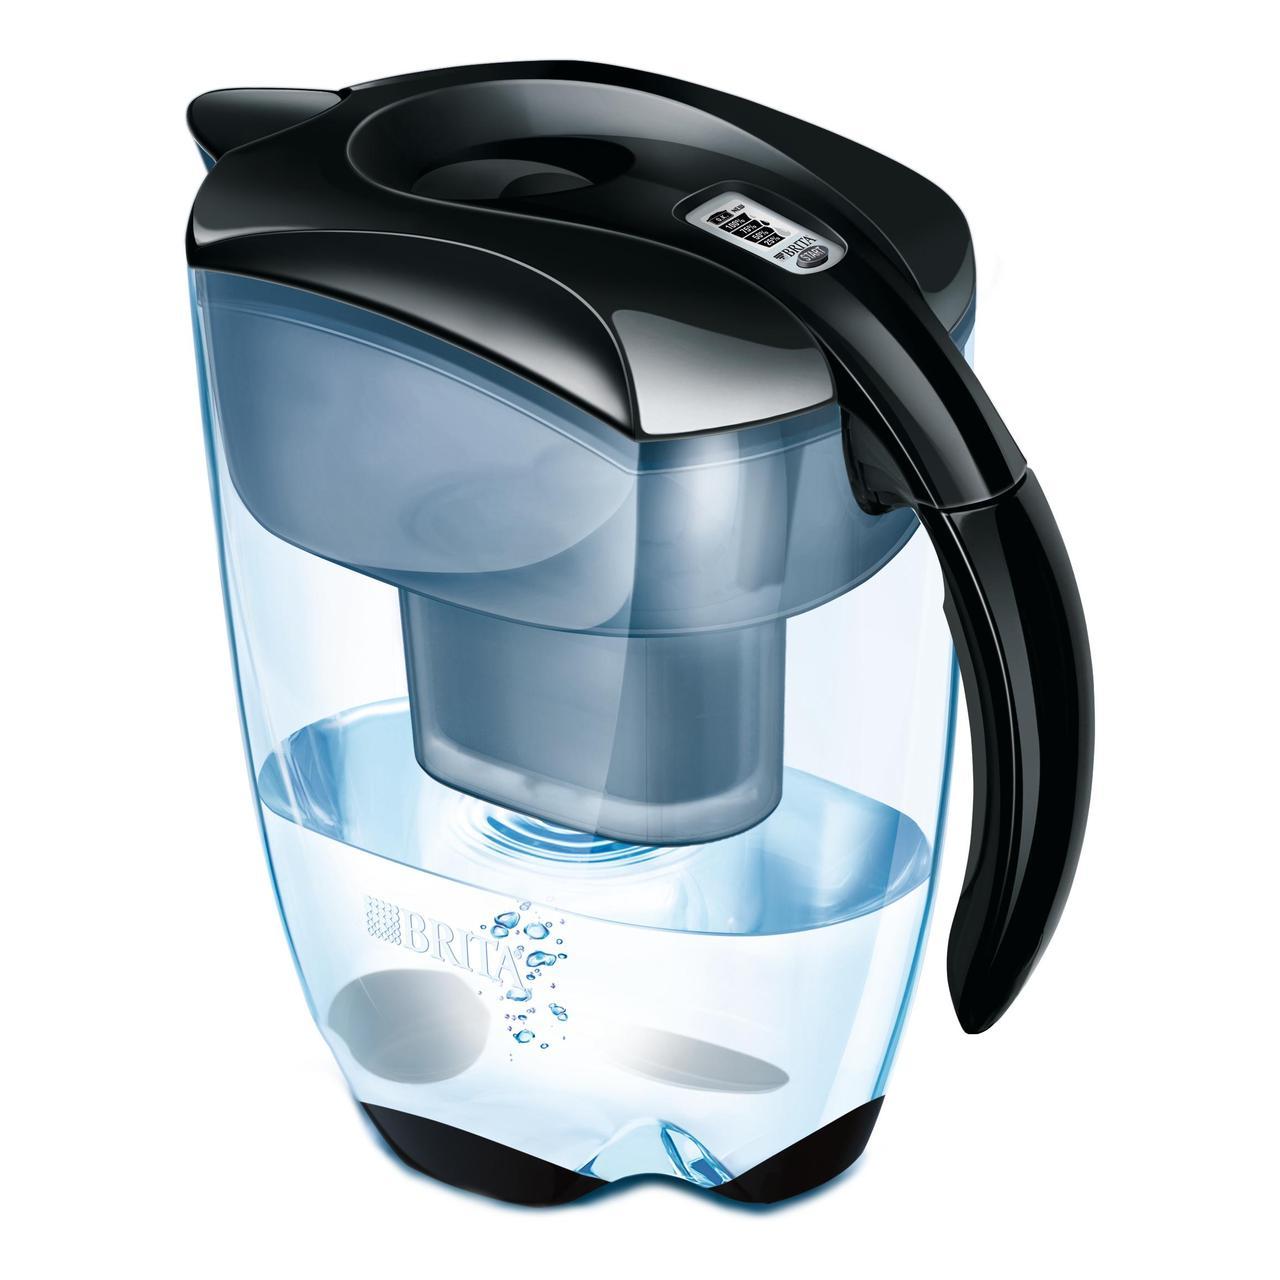 Brita Maxtra+ Elemaris XL Water Filter Jug, Cool Black 3.5L - £19.95 at Ocado